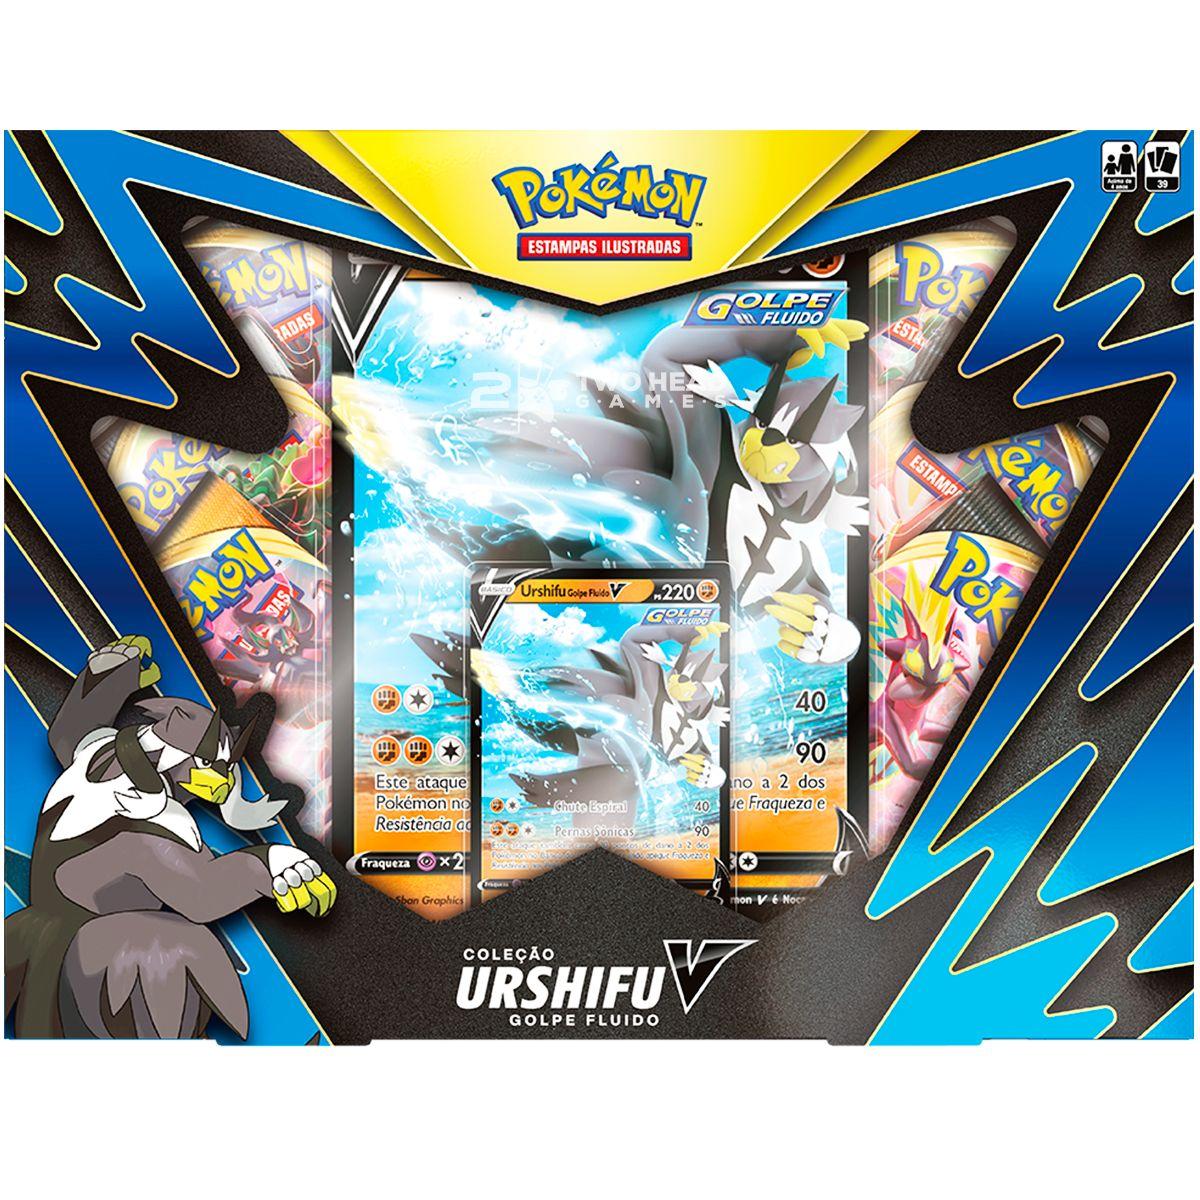 Box Pokémon Urshifu V Golpe Fluido Espada Escudo